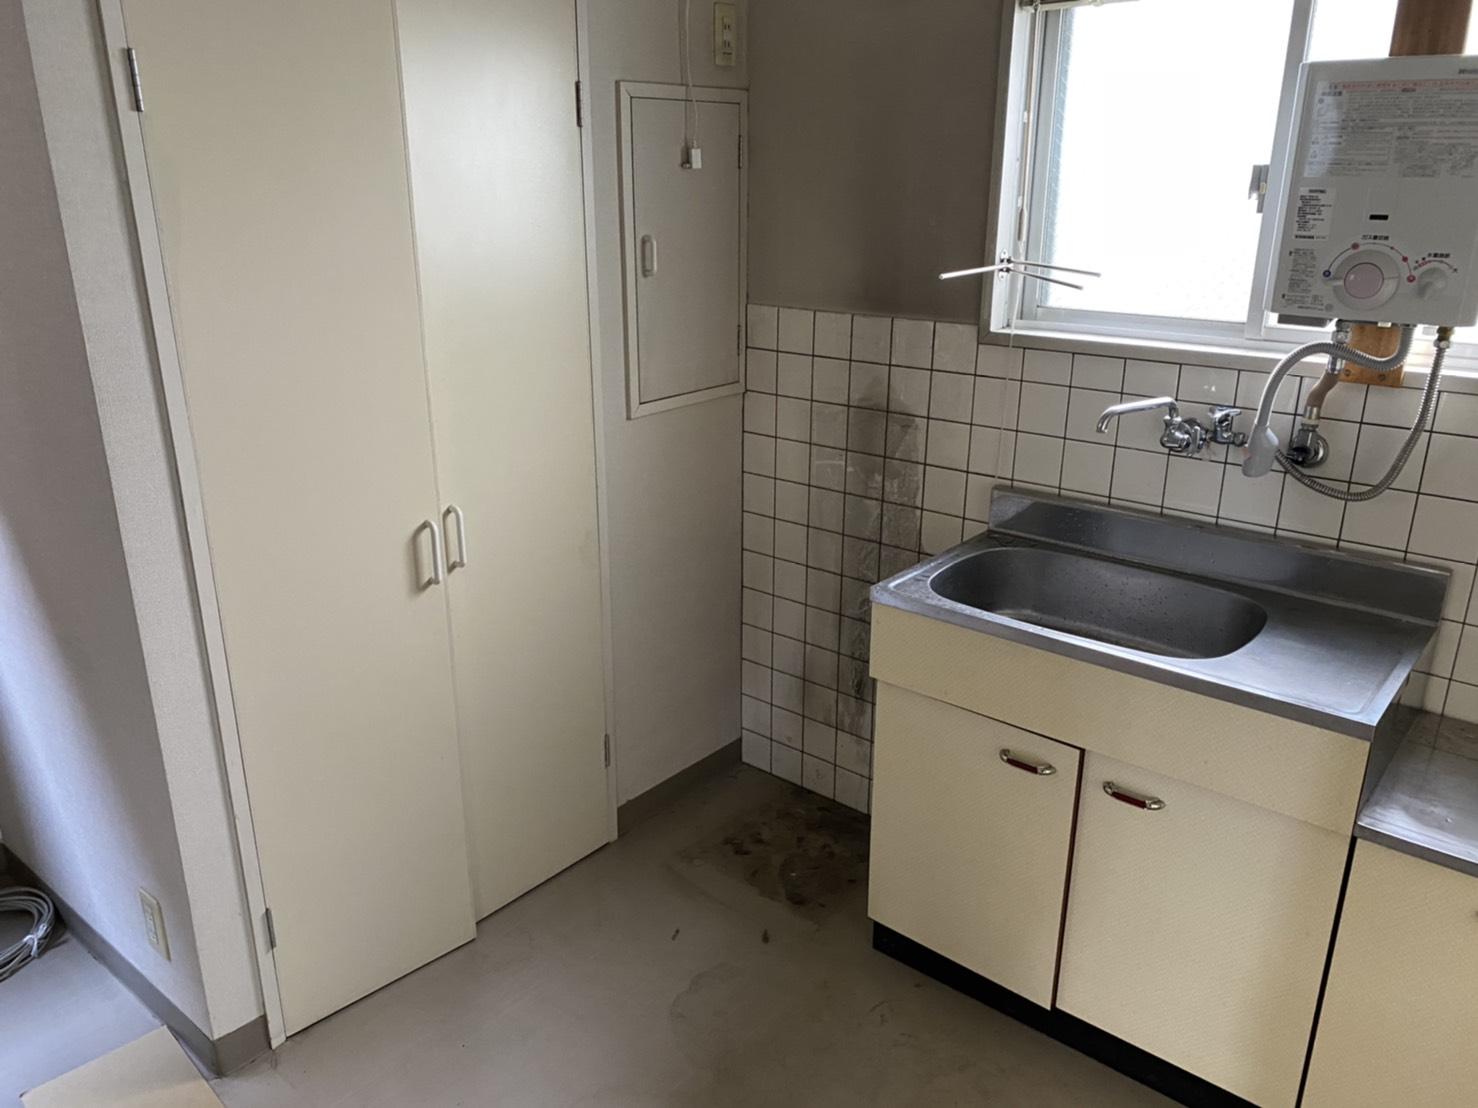 電子レンジ、冷蔵庫、食器の回収後